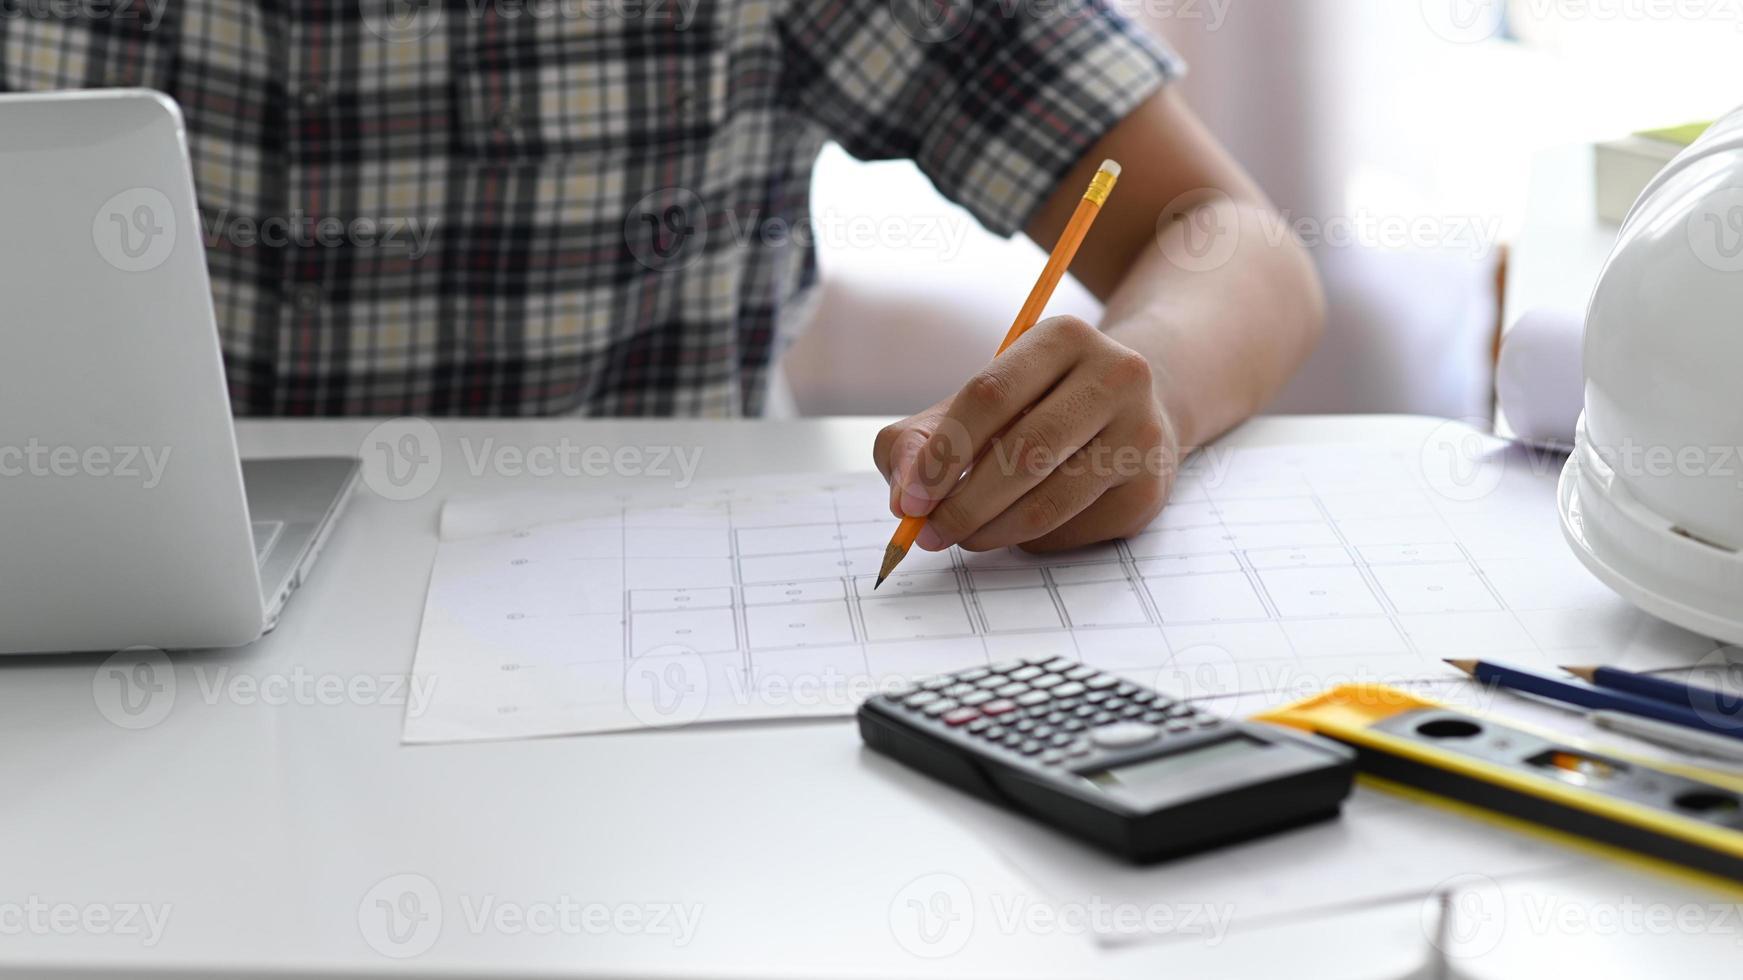 arkitekt som använder pennor för att inspektera husplanen. foto